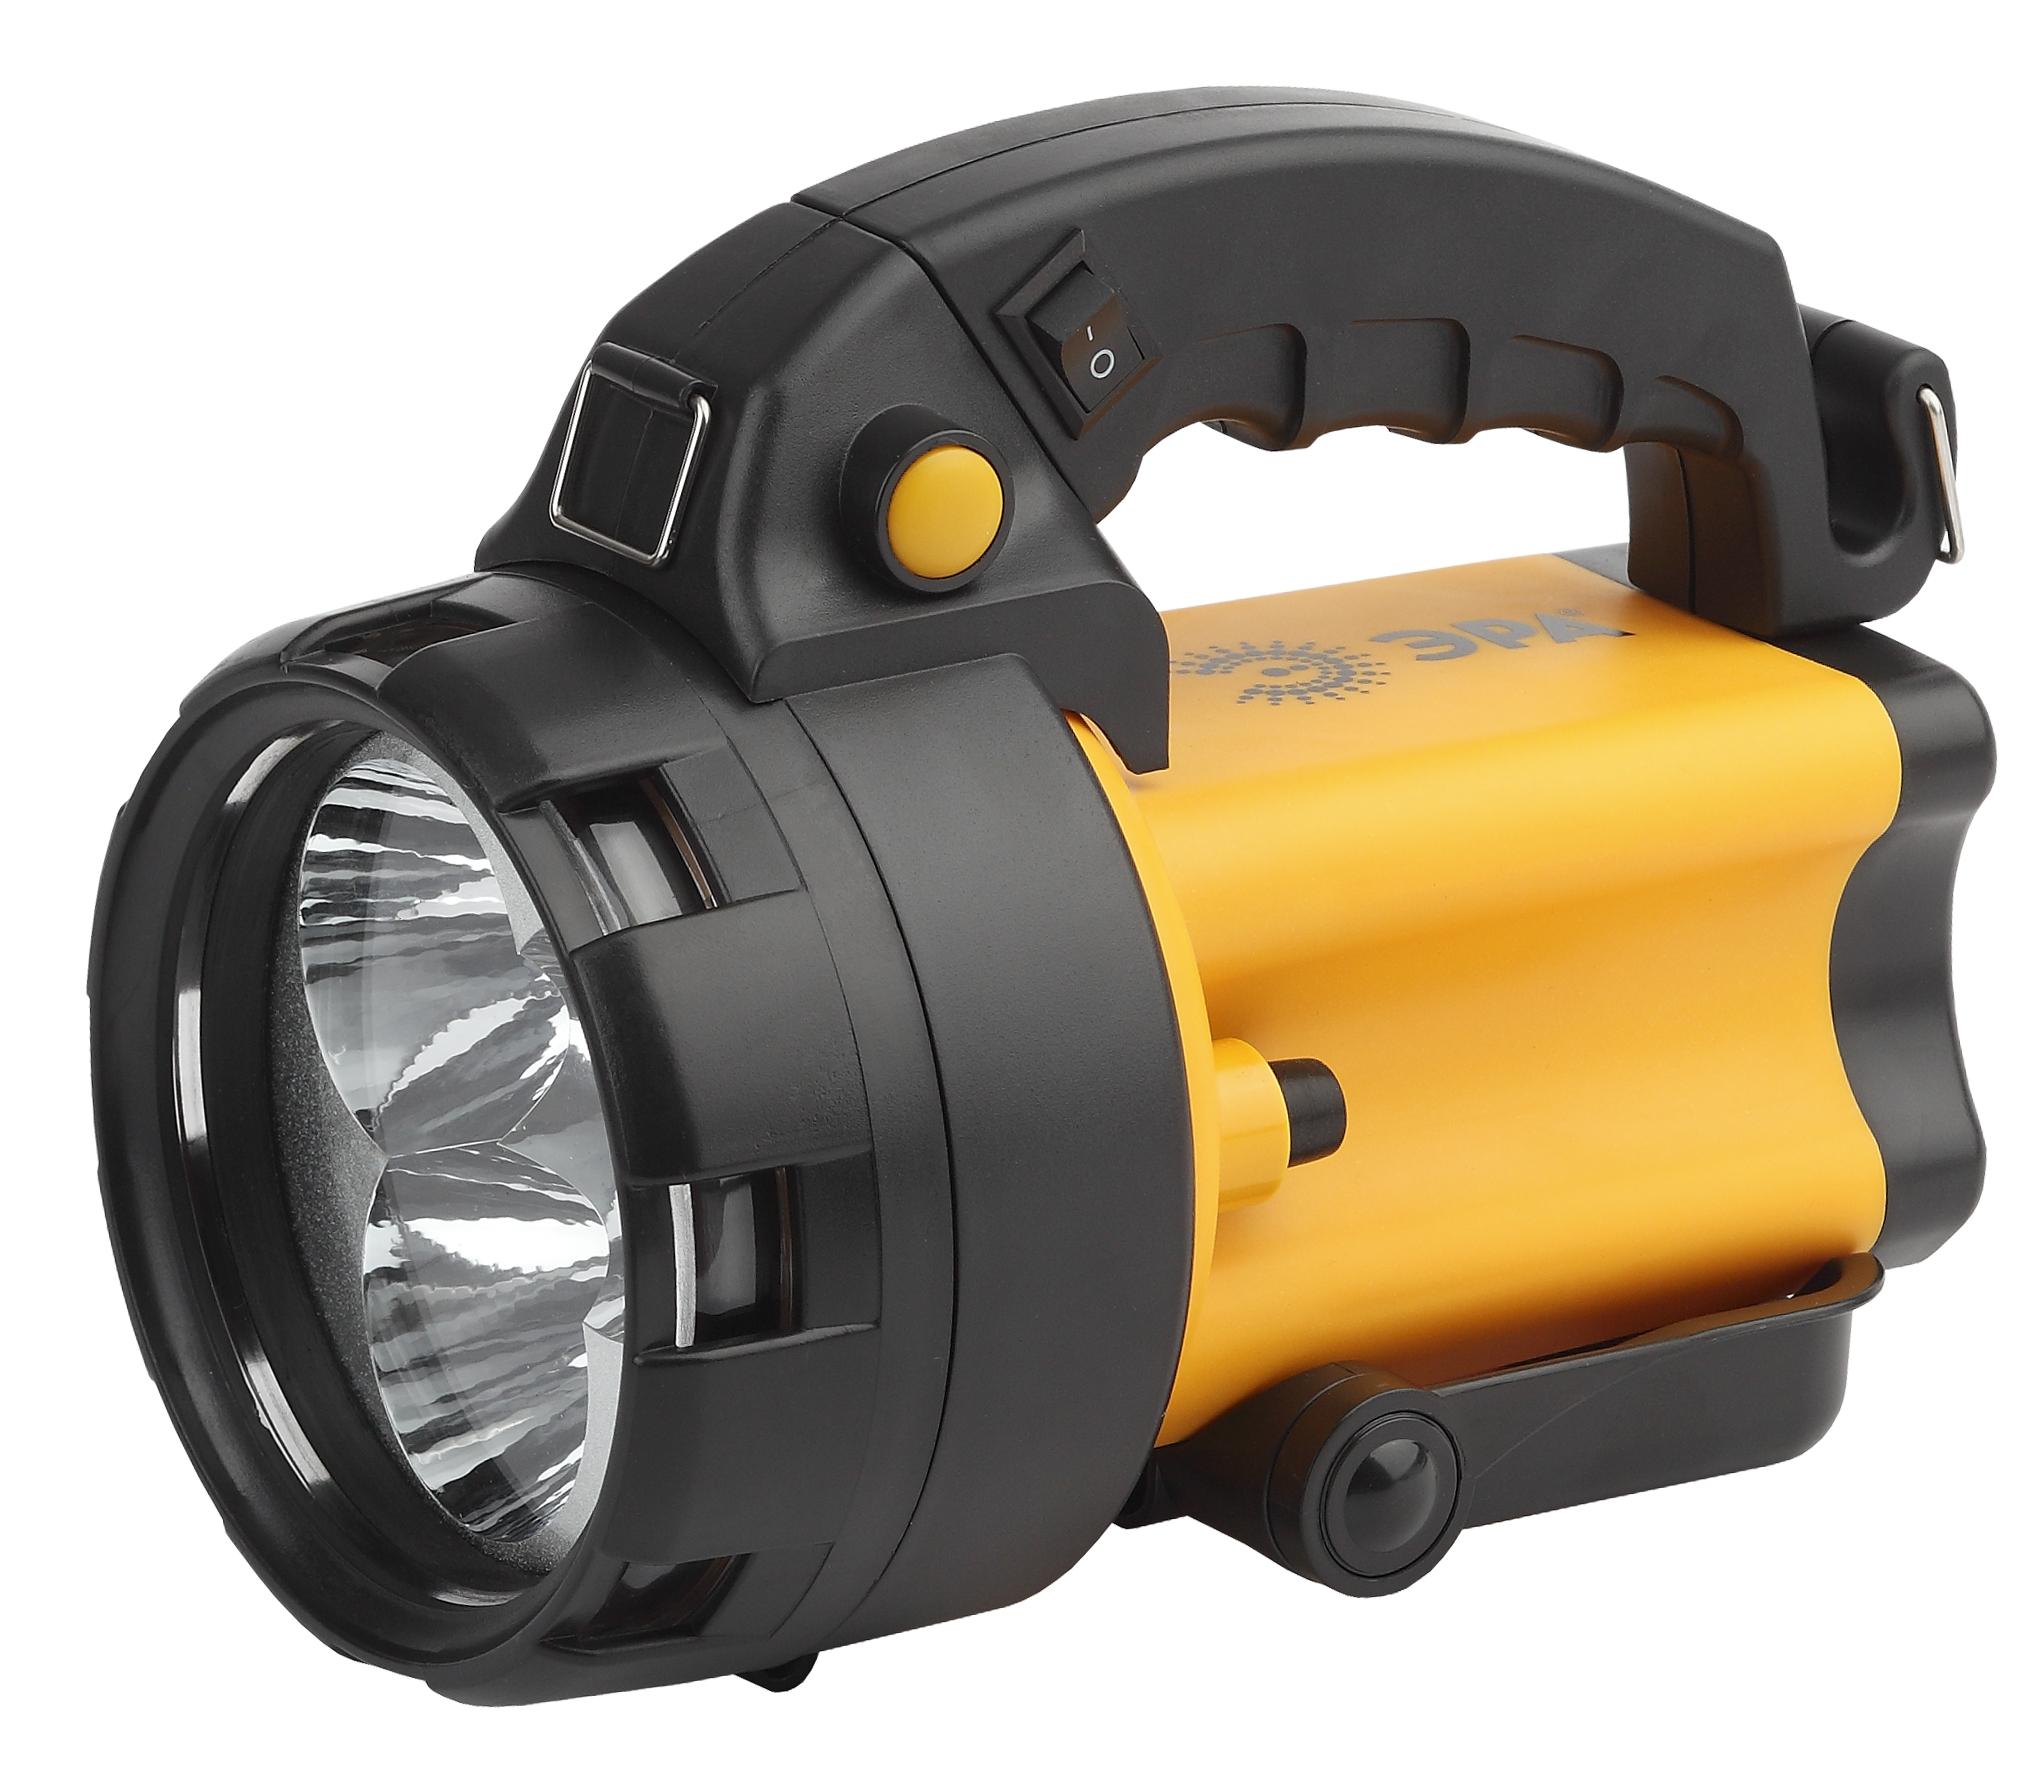 Туристический фонарь Эра Альфа PA-604 черный/оранжевый, 2 режима